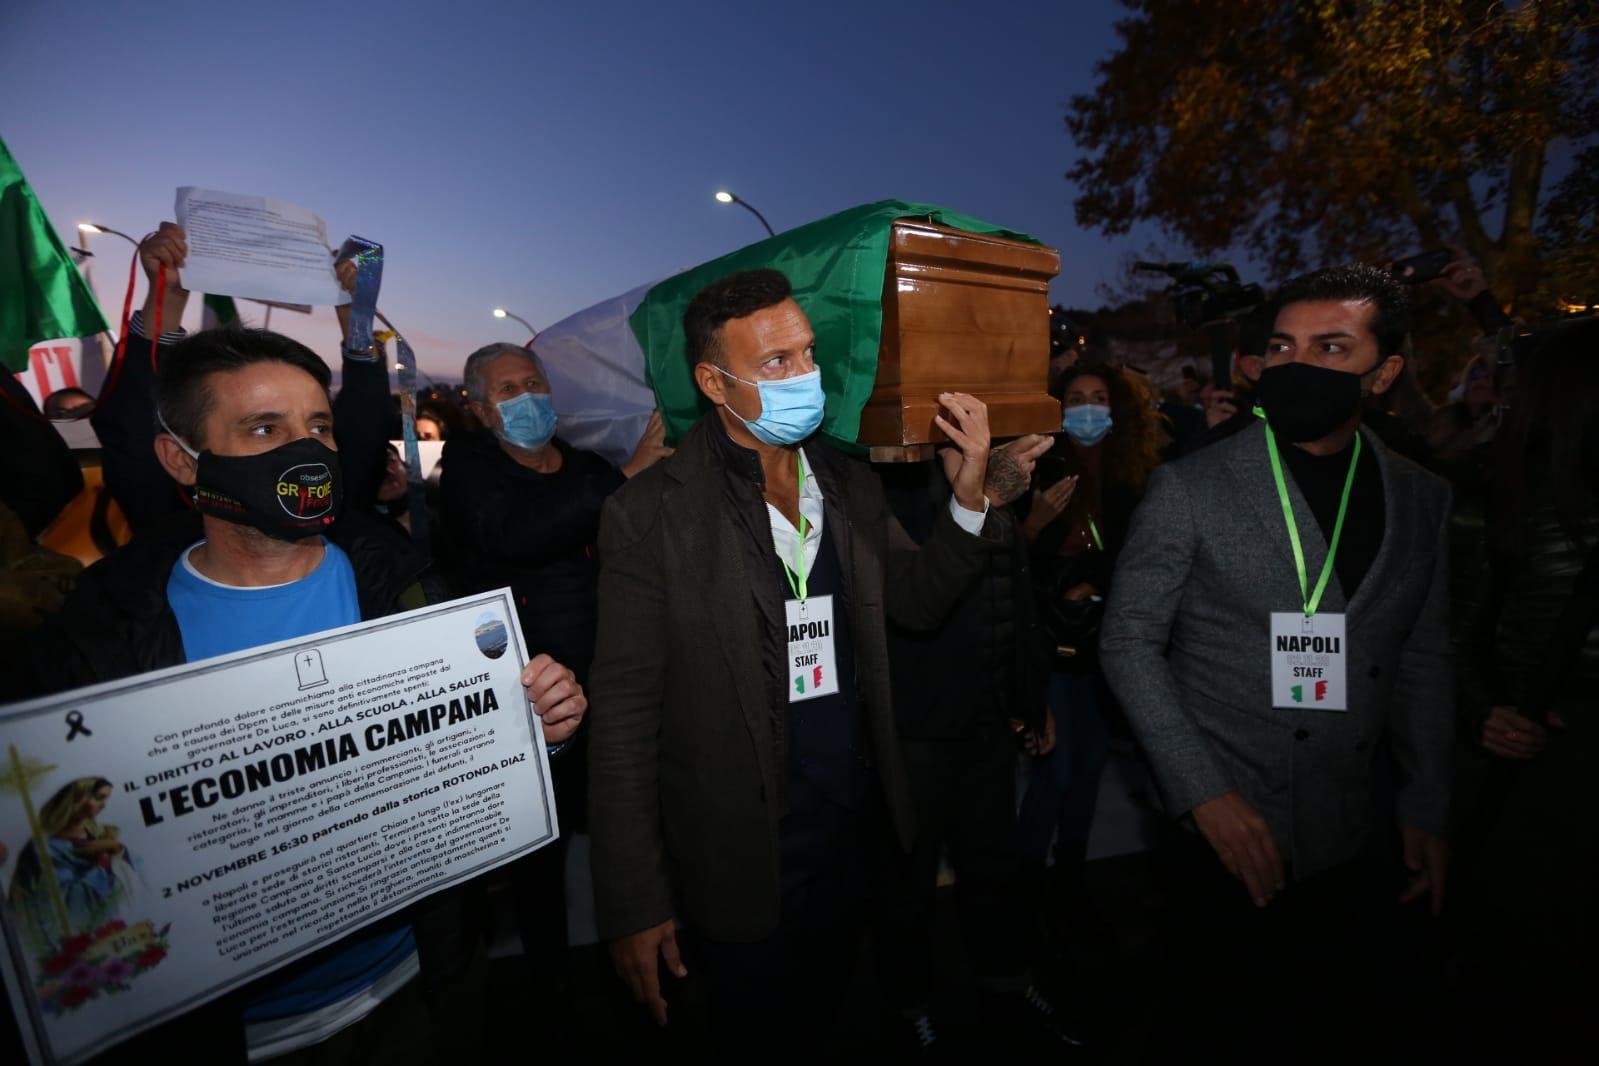 """Covid, Napoli in protesta con il """"funerale dell'economia campana"""""""